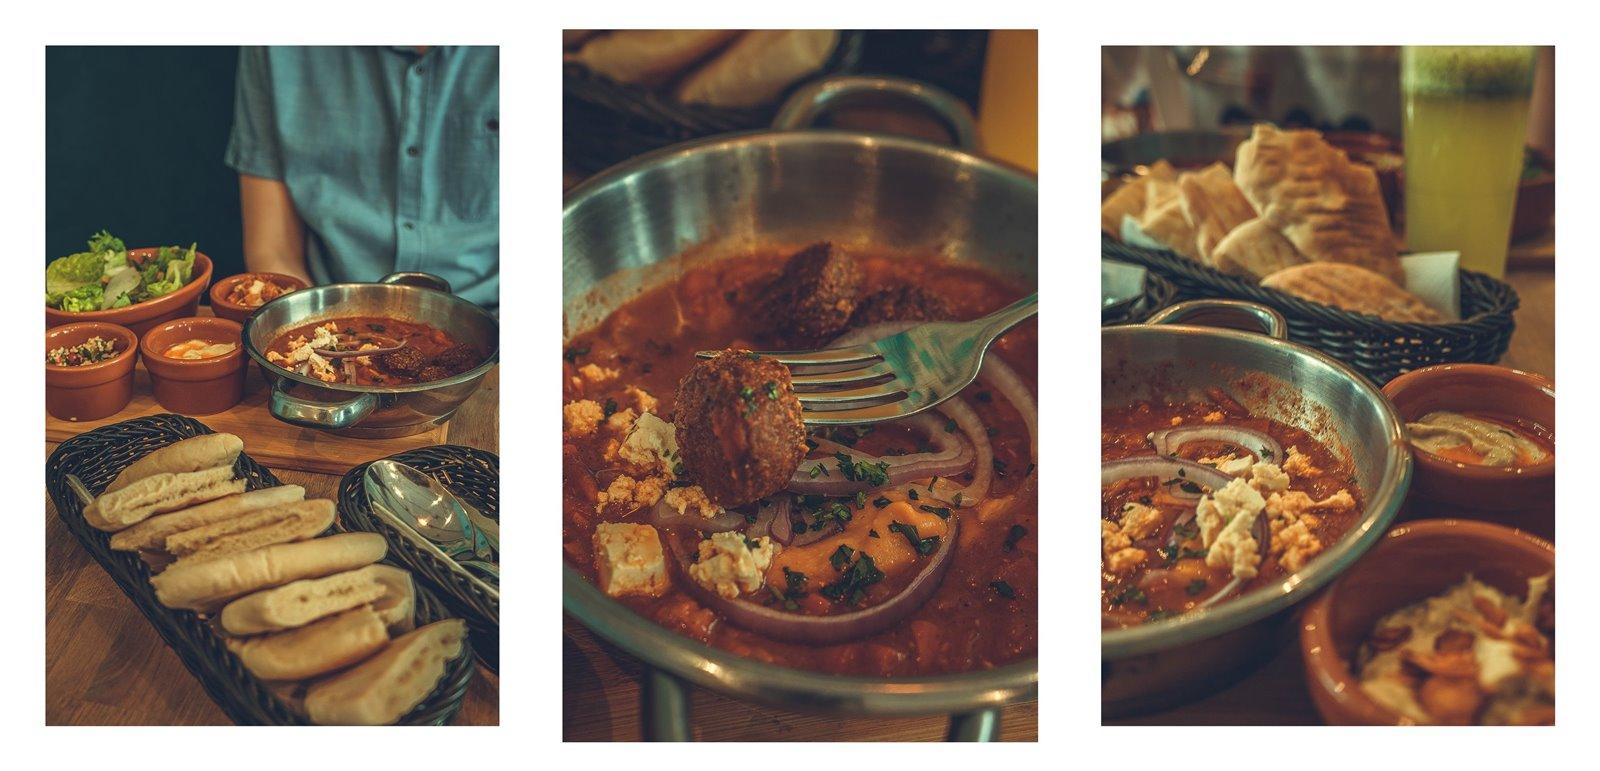 3a telaviv urban foods co zjeść w łodzi śniadania w warszawie bezmięsna kuchnia izraelska smaki izraela gdzie zjeść dobry hummus fallafell